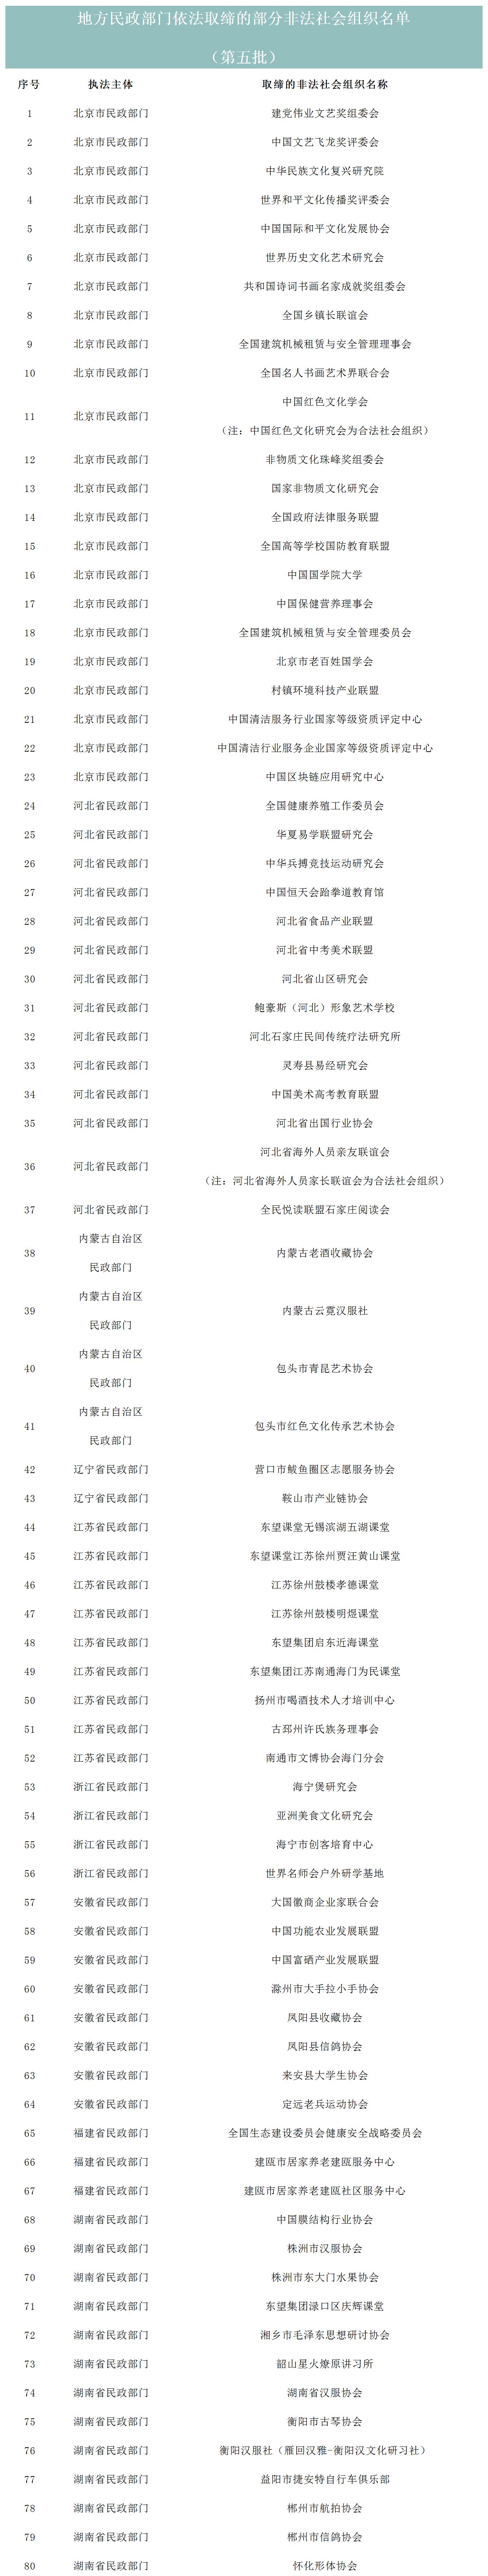 又一批!民政部公布80家非法社会组织名单